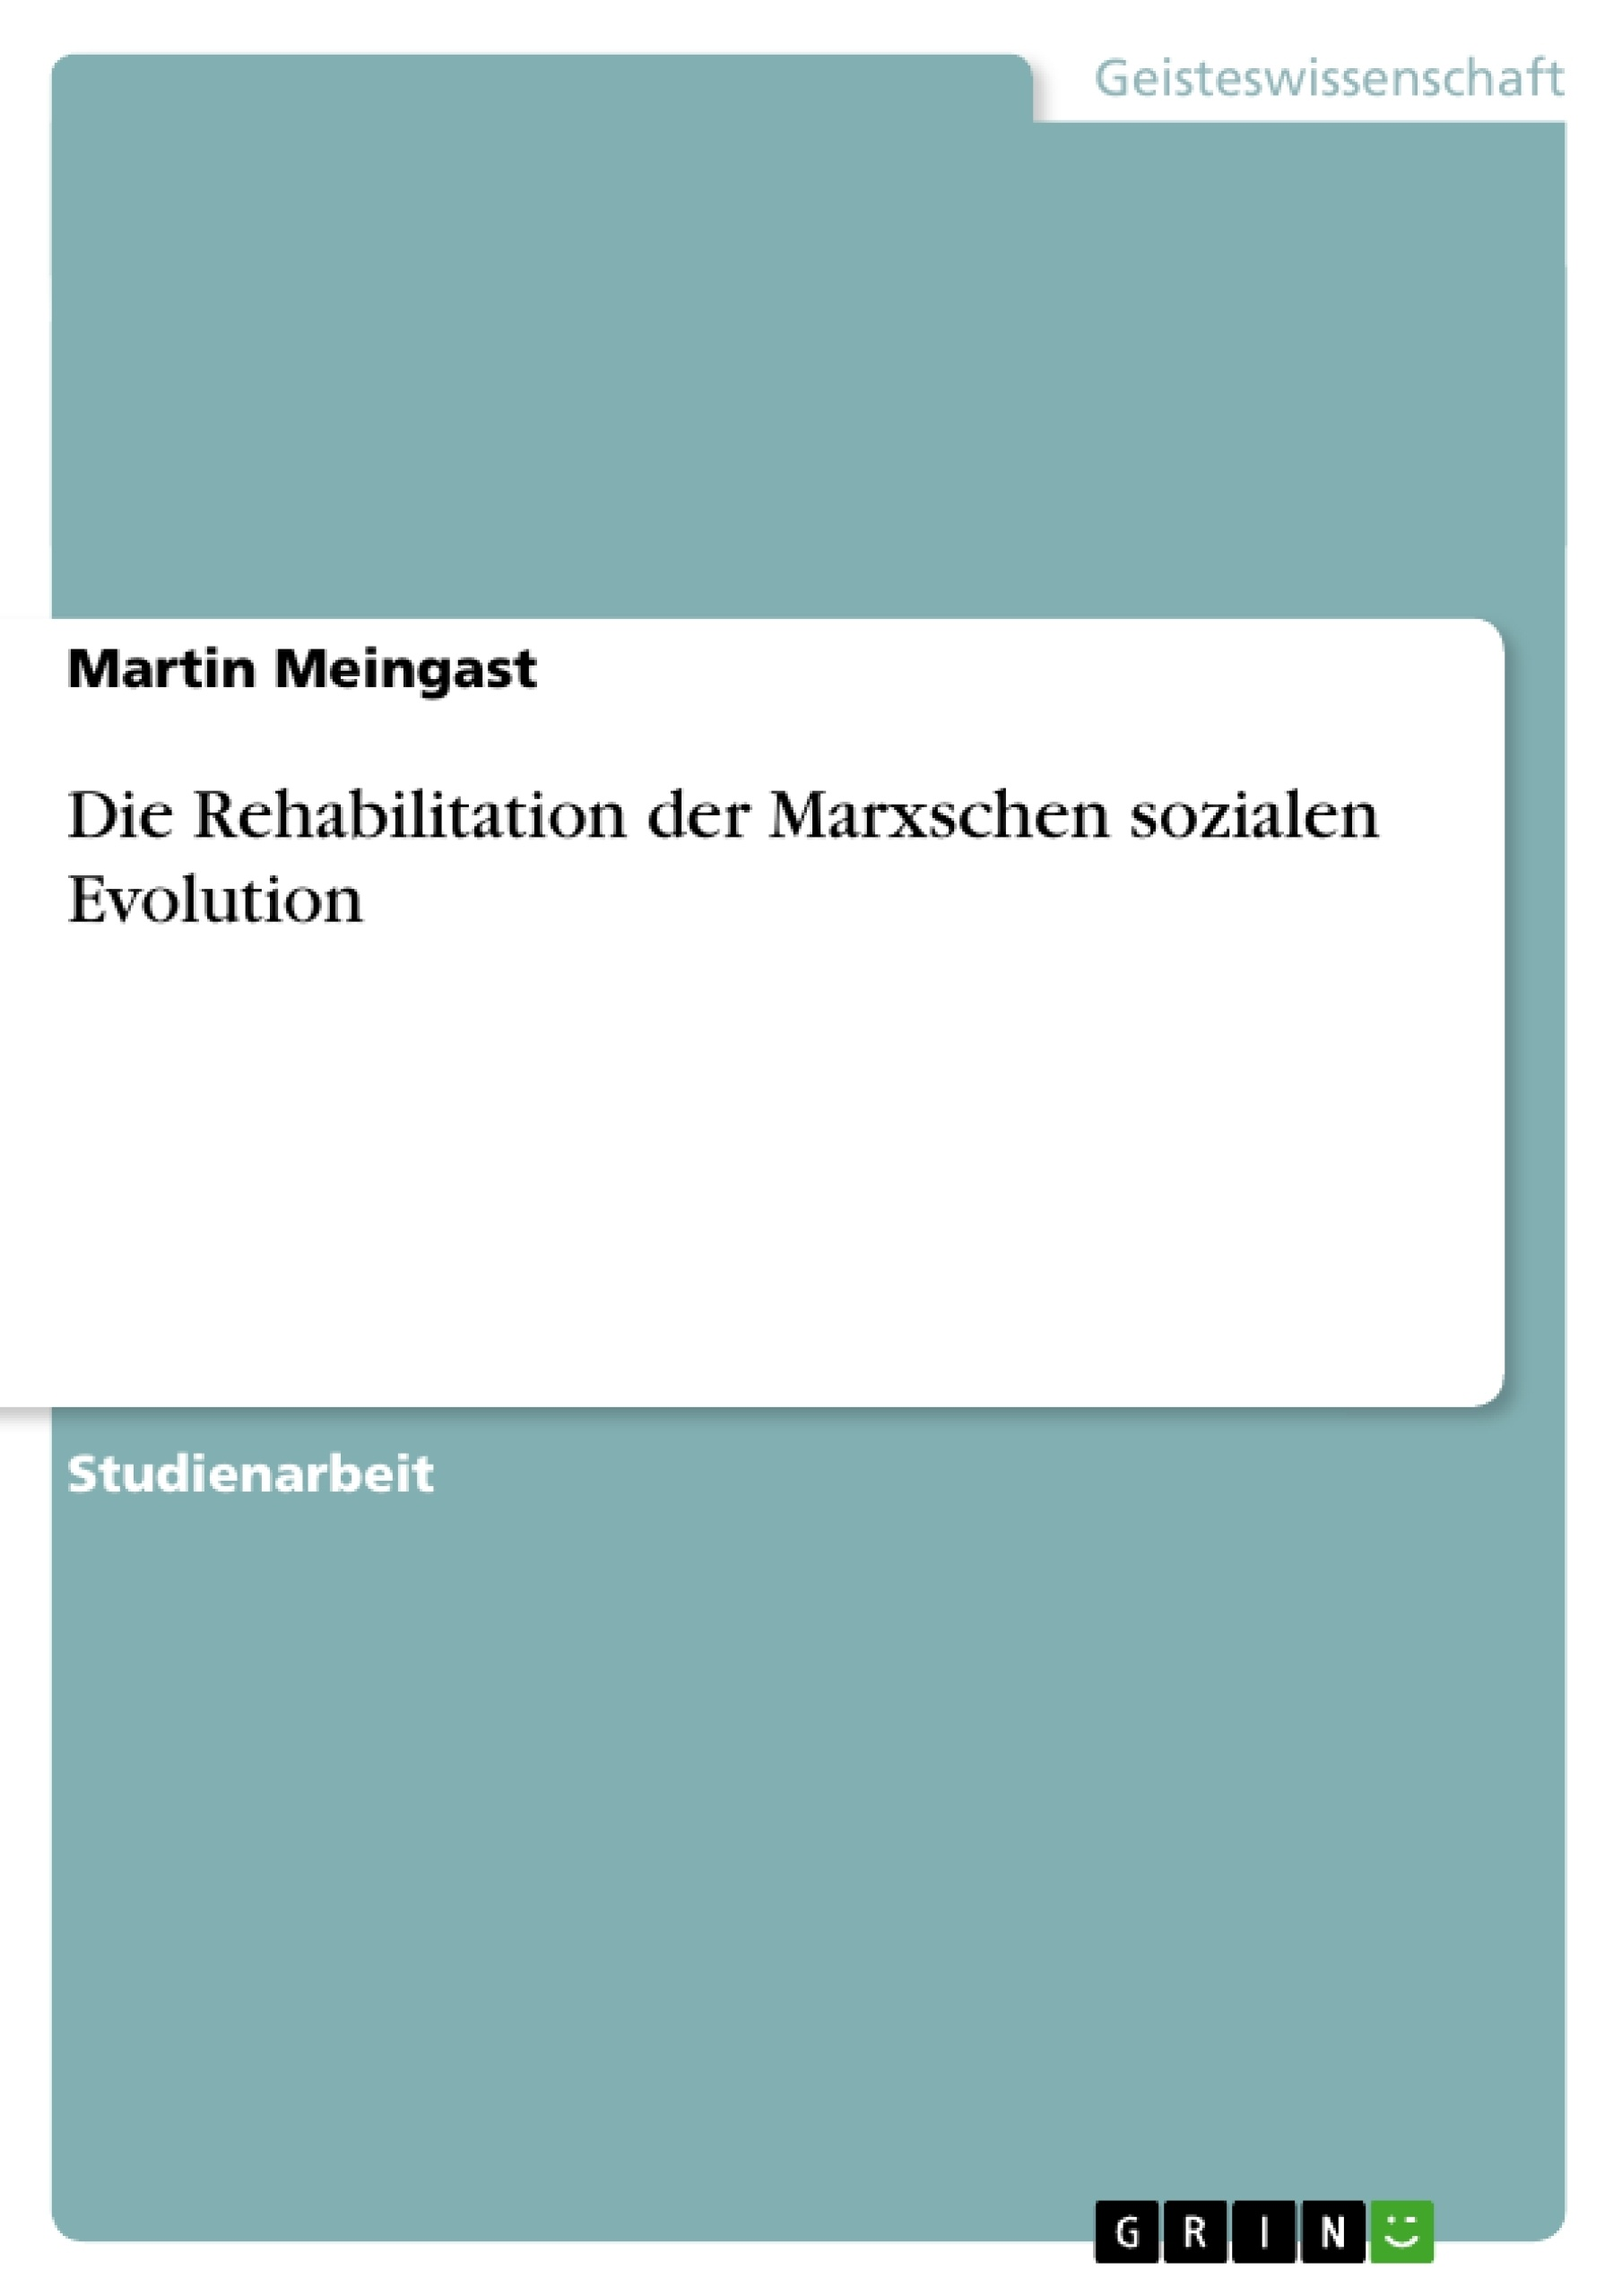 Titel: Die Rehabilitation der Marxschen sozialen Evolution